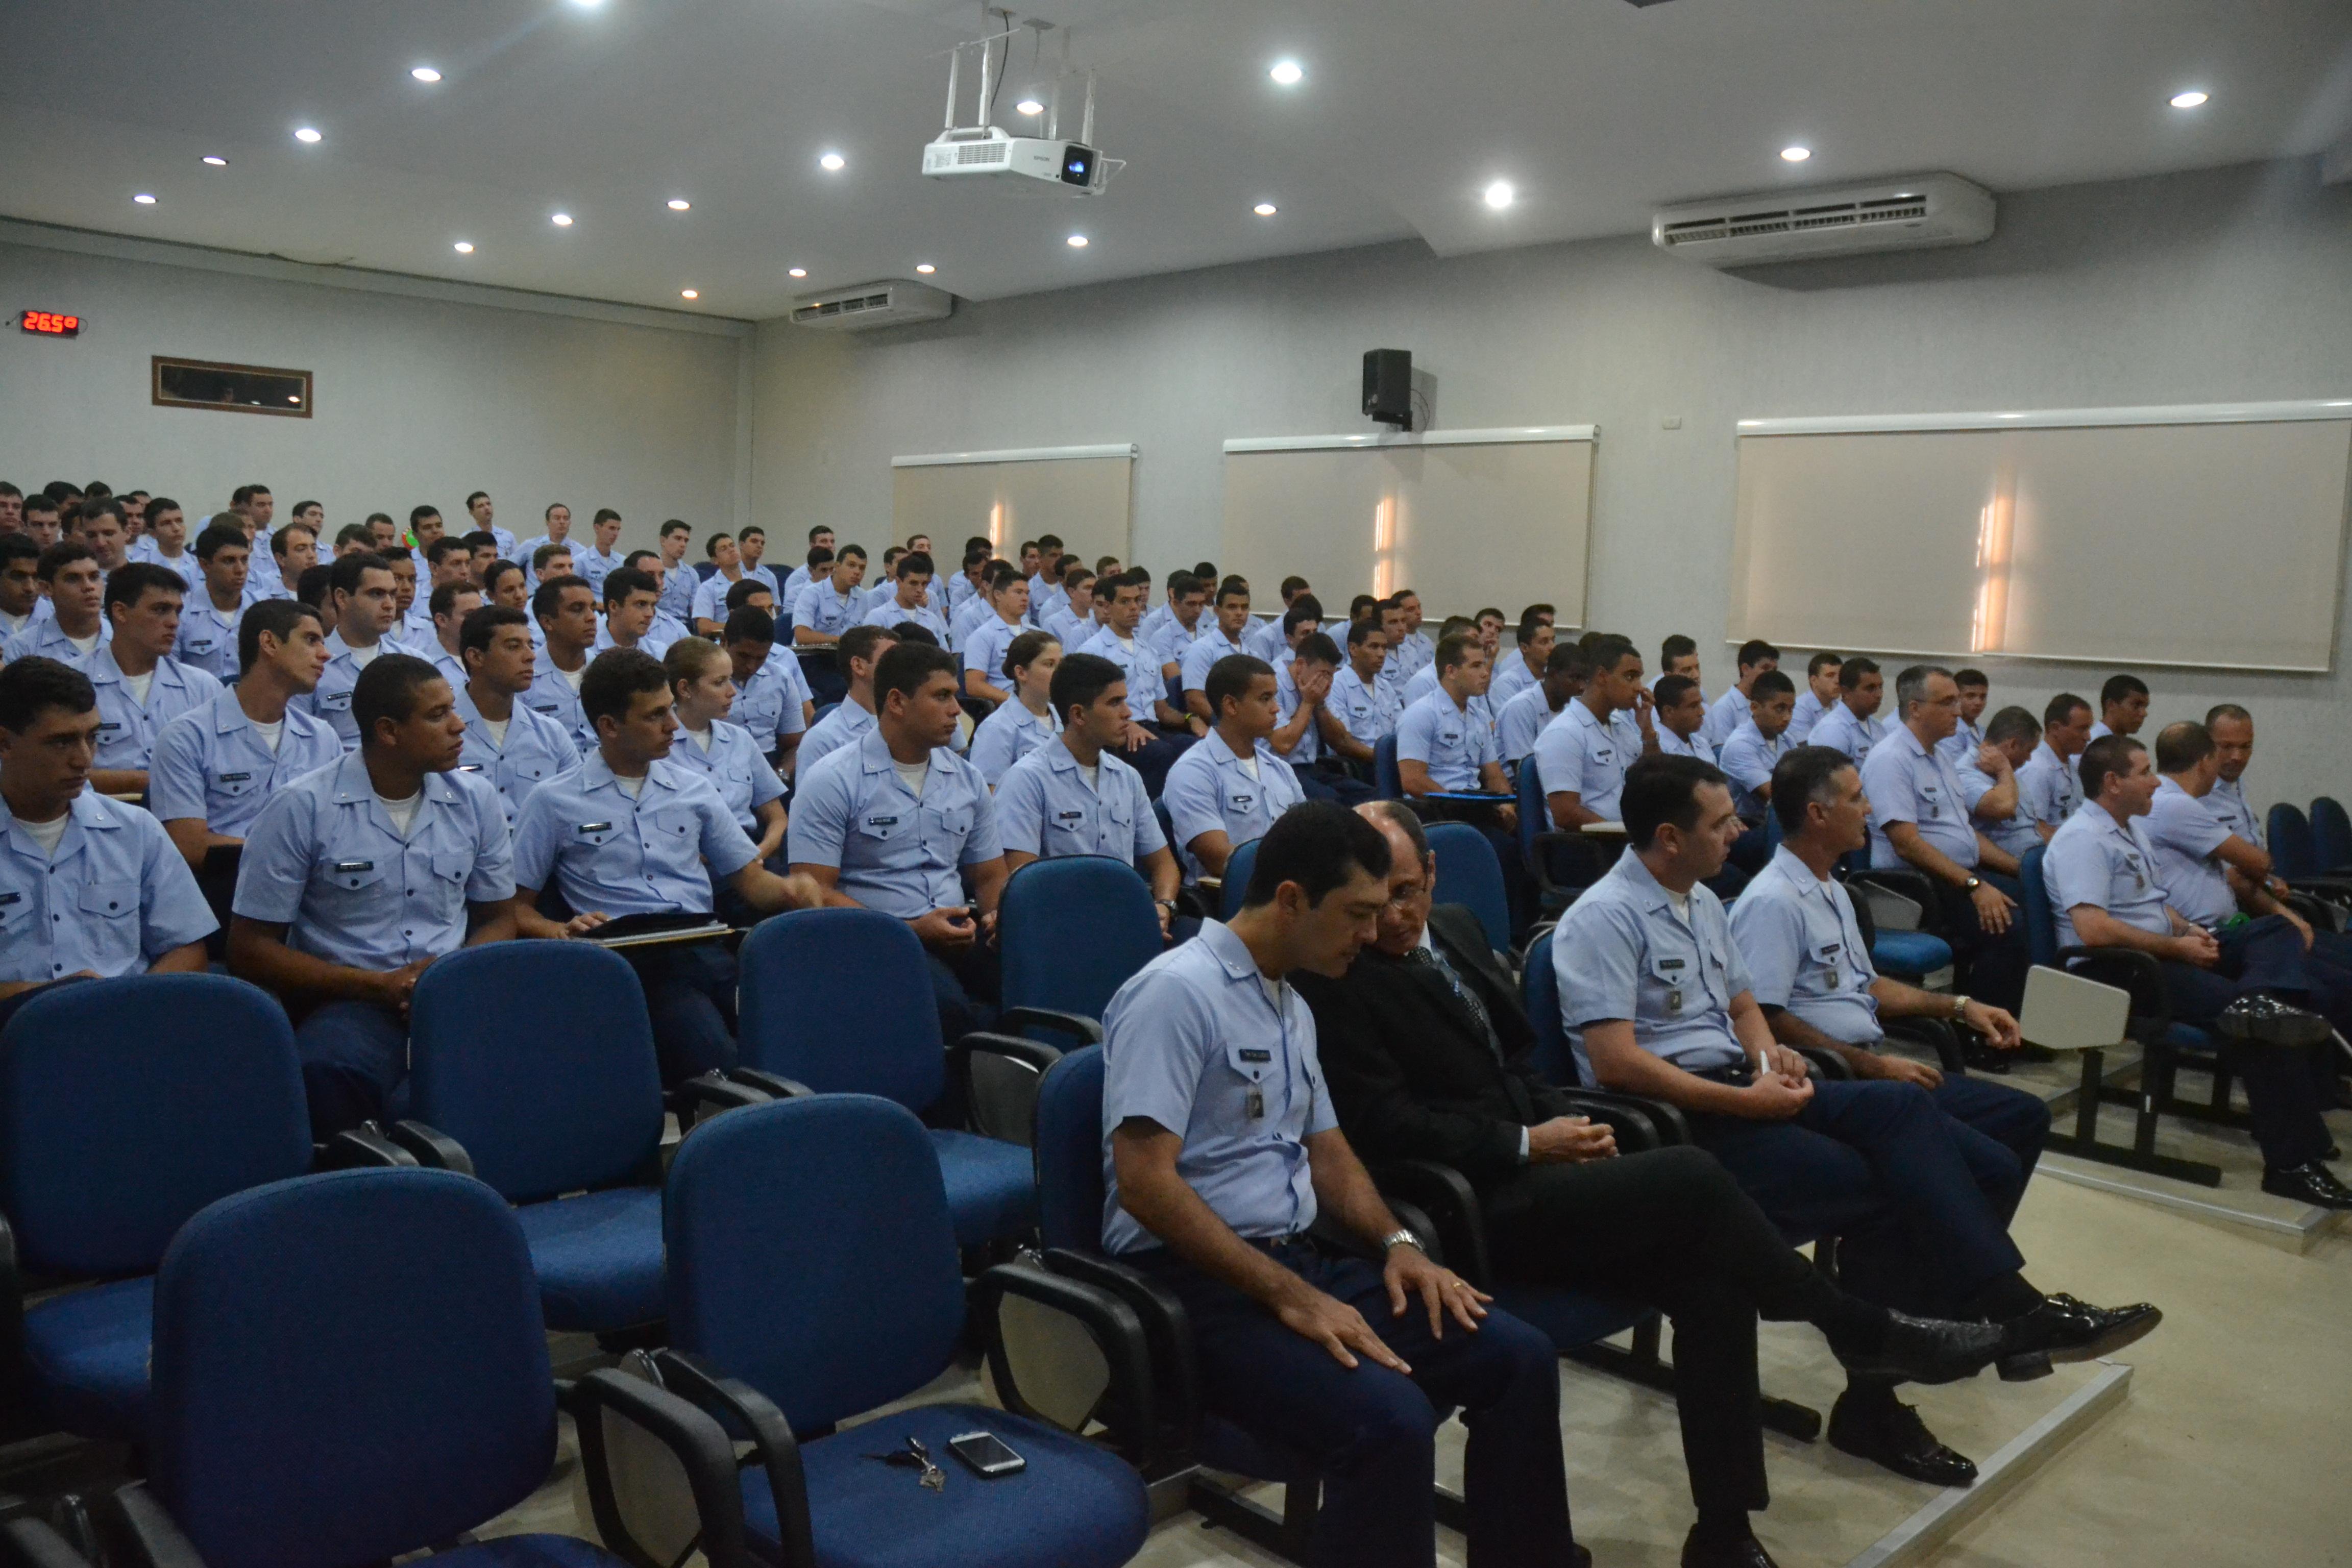 Os militares vão receber treinamento por nove semanas na Base Aérea de Natal